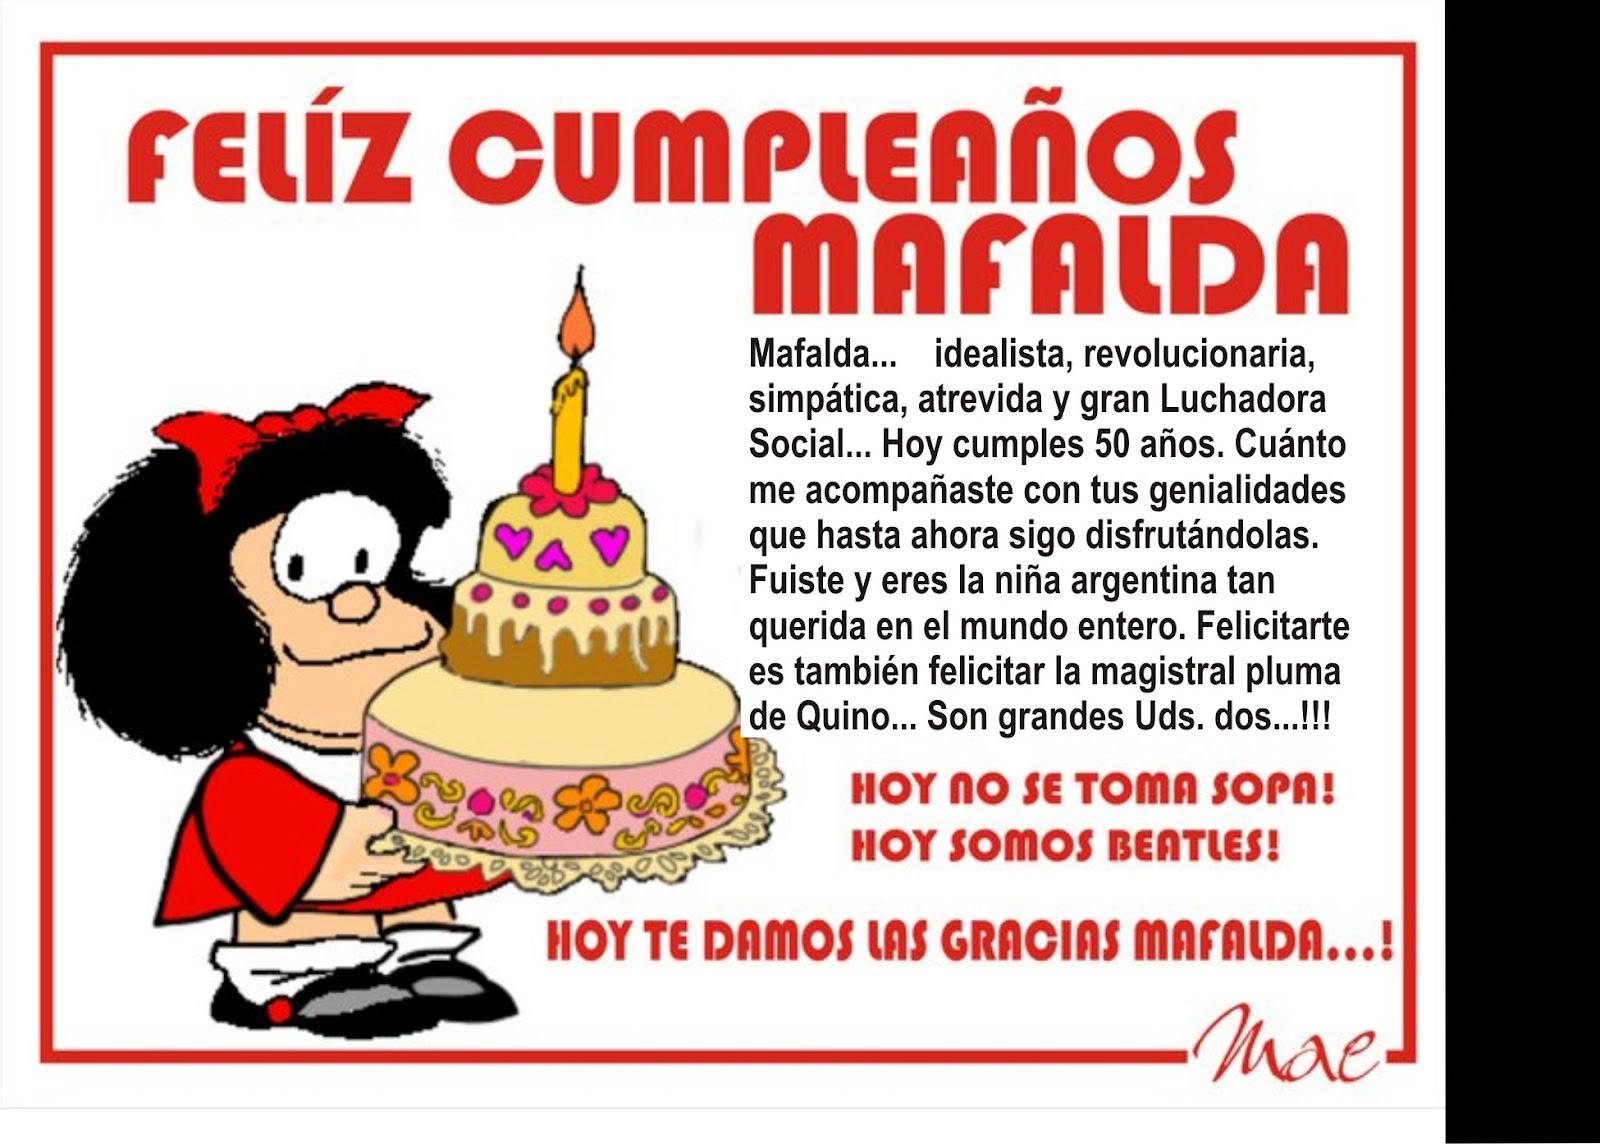 La Bohemia Noche Feliz Cumpleaños Mafalda